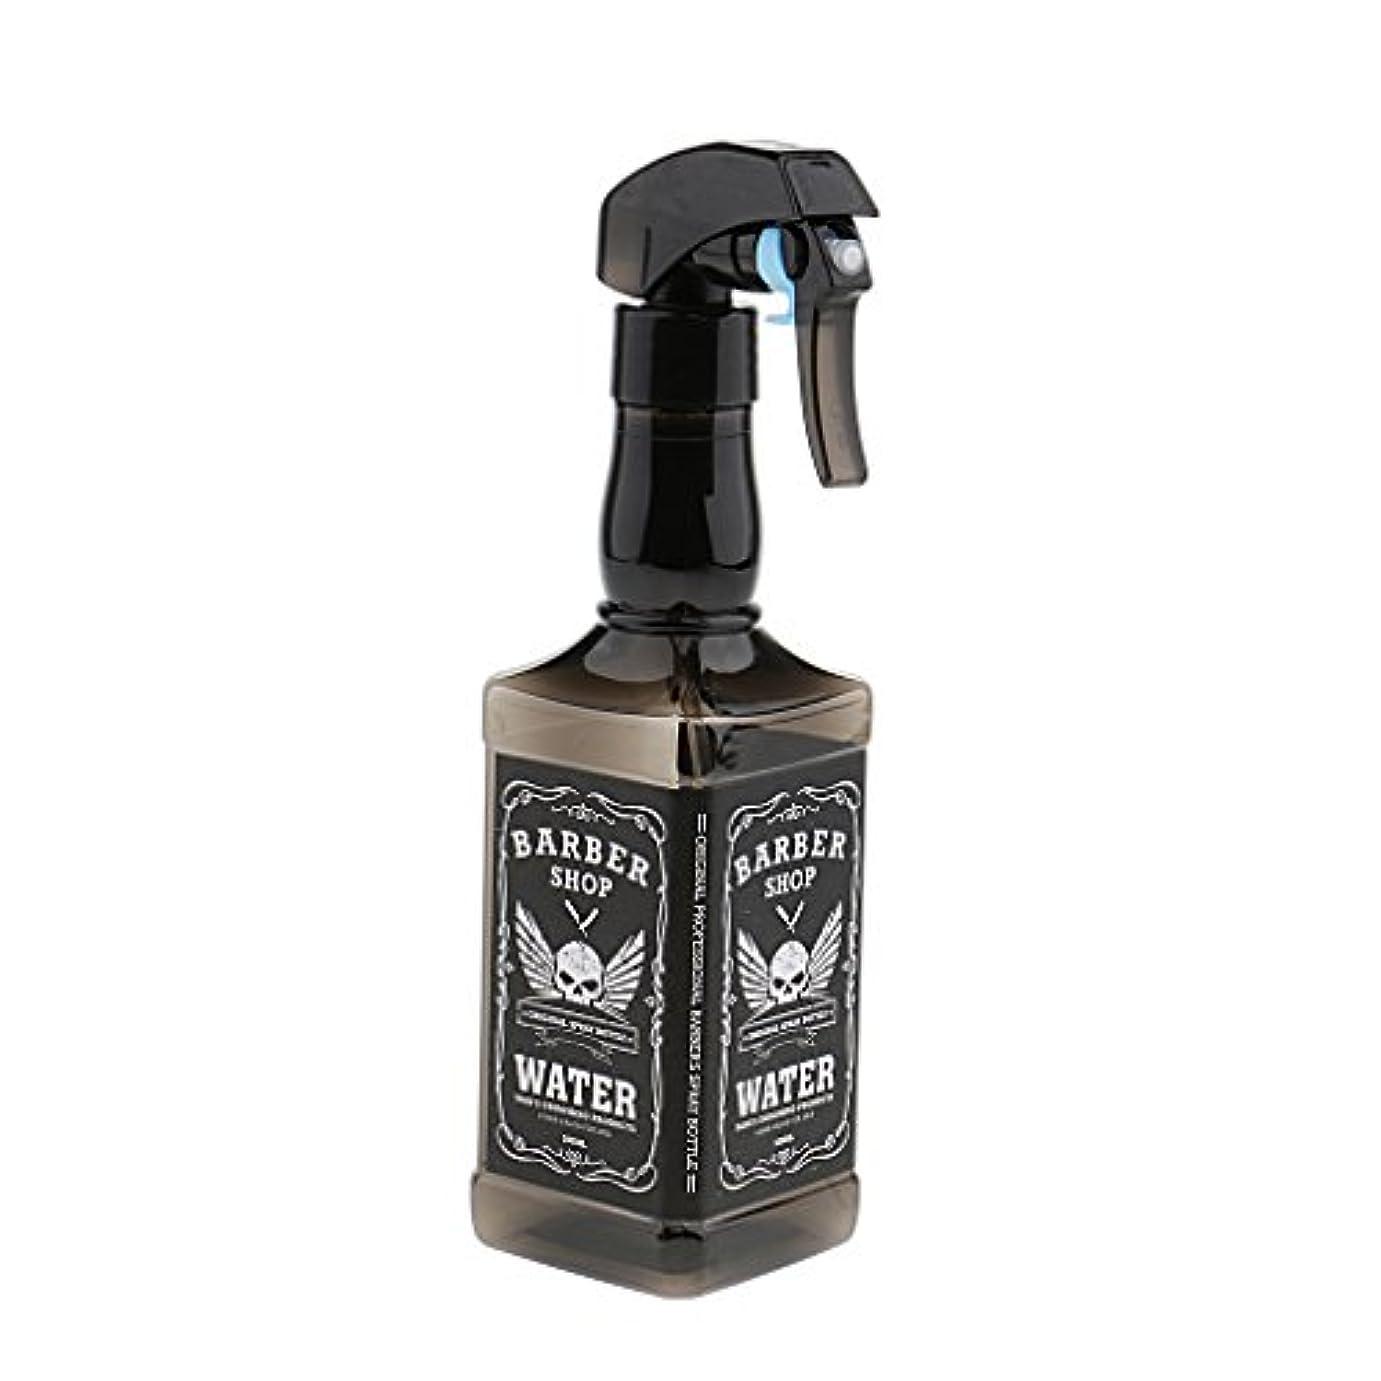 ようこそ北方輸送スプレーボトル プラスチック製 ヘアスプレー ボトル サロン 美容院 水スプレー 500ml 3色選べ - ブラック